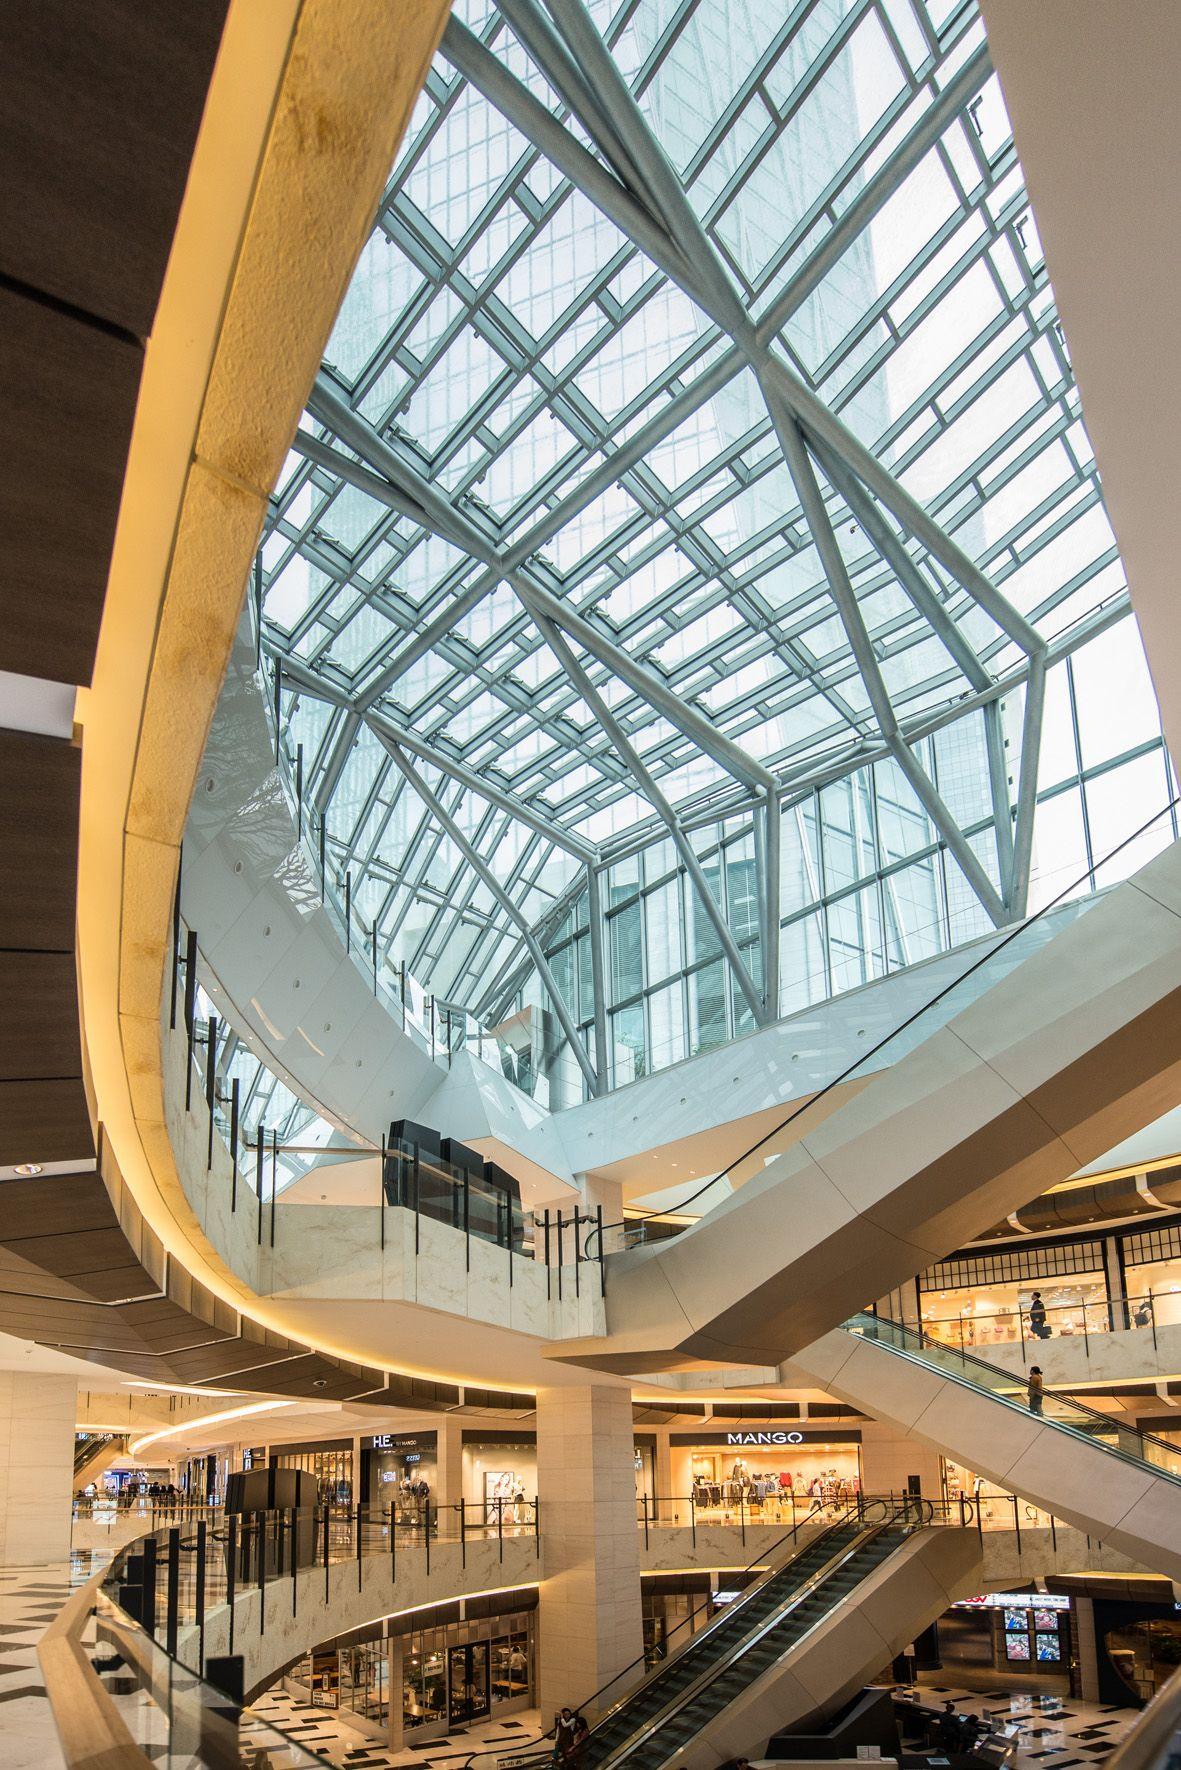 IFC Mall, Seoul   Shopping Mall-Benoy   Pinterest   Mall, Seoul and ...